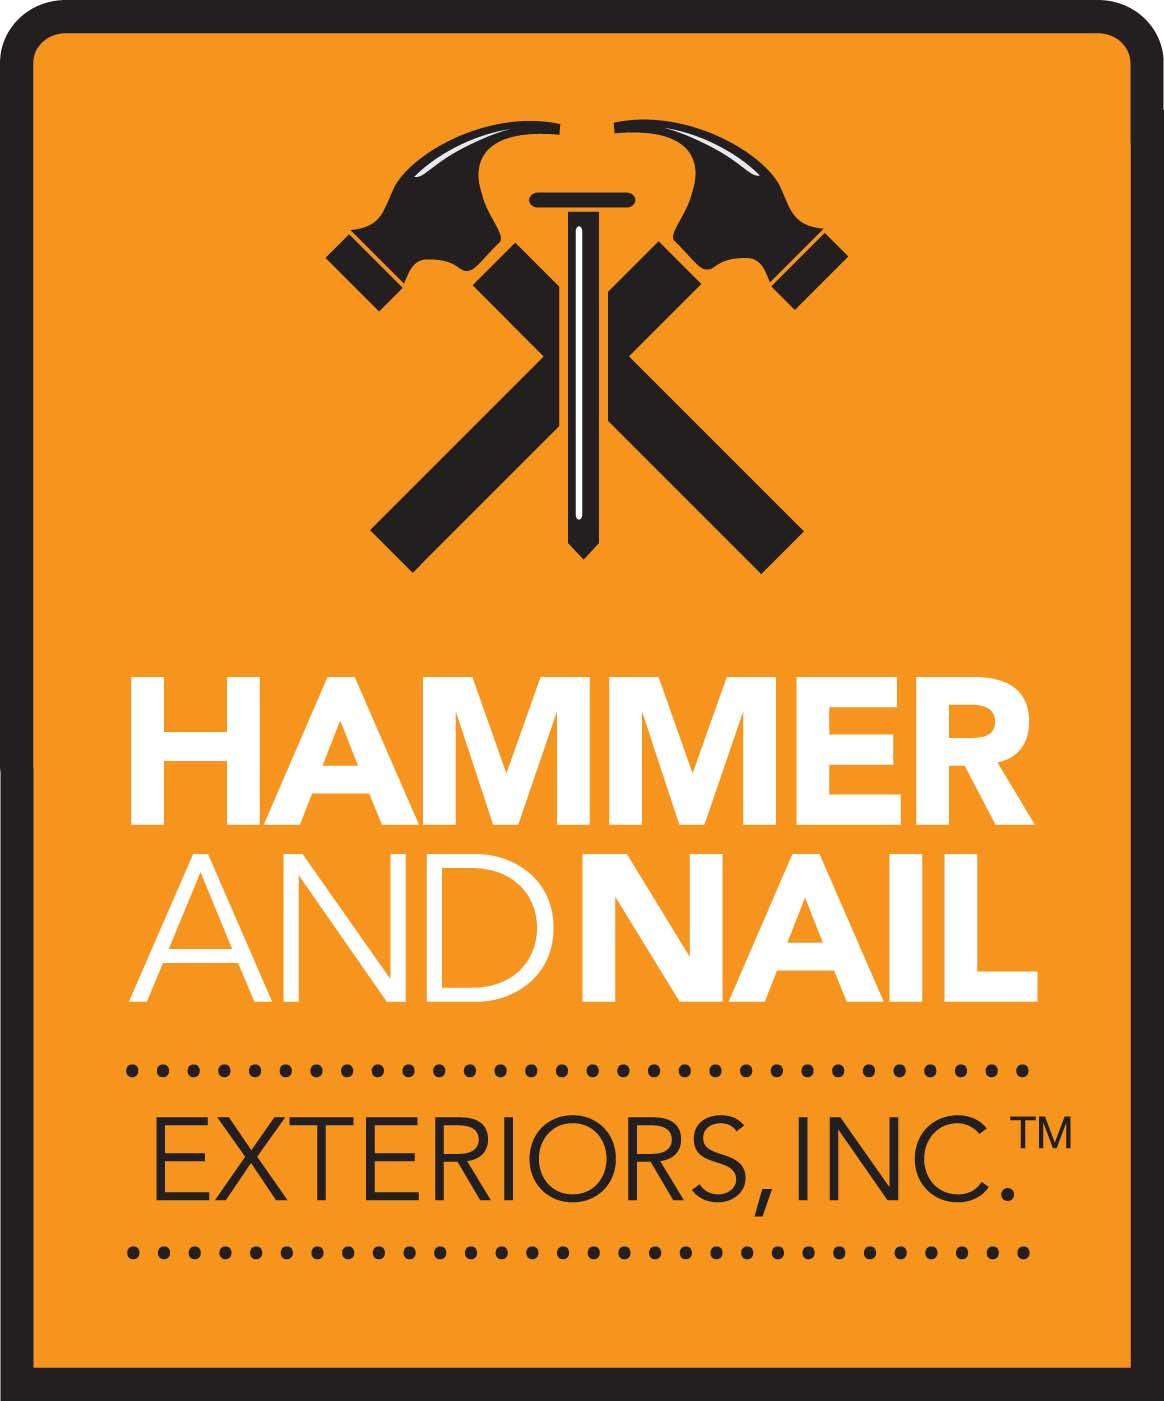 Hammer and Nail Exteriors